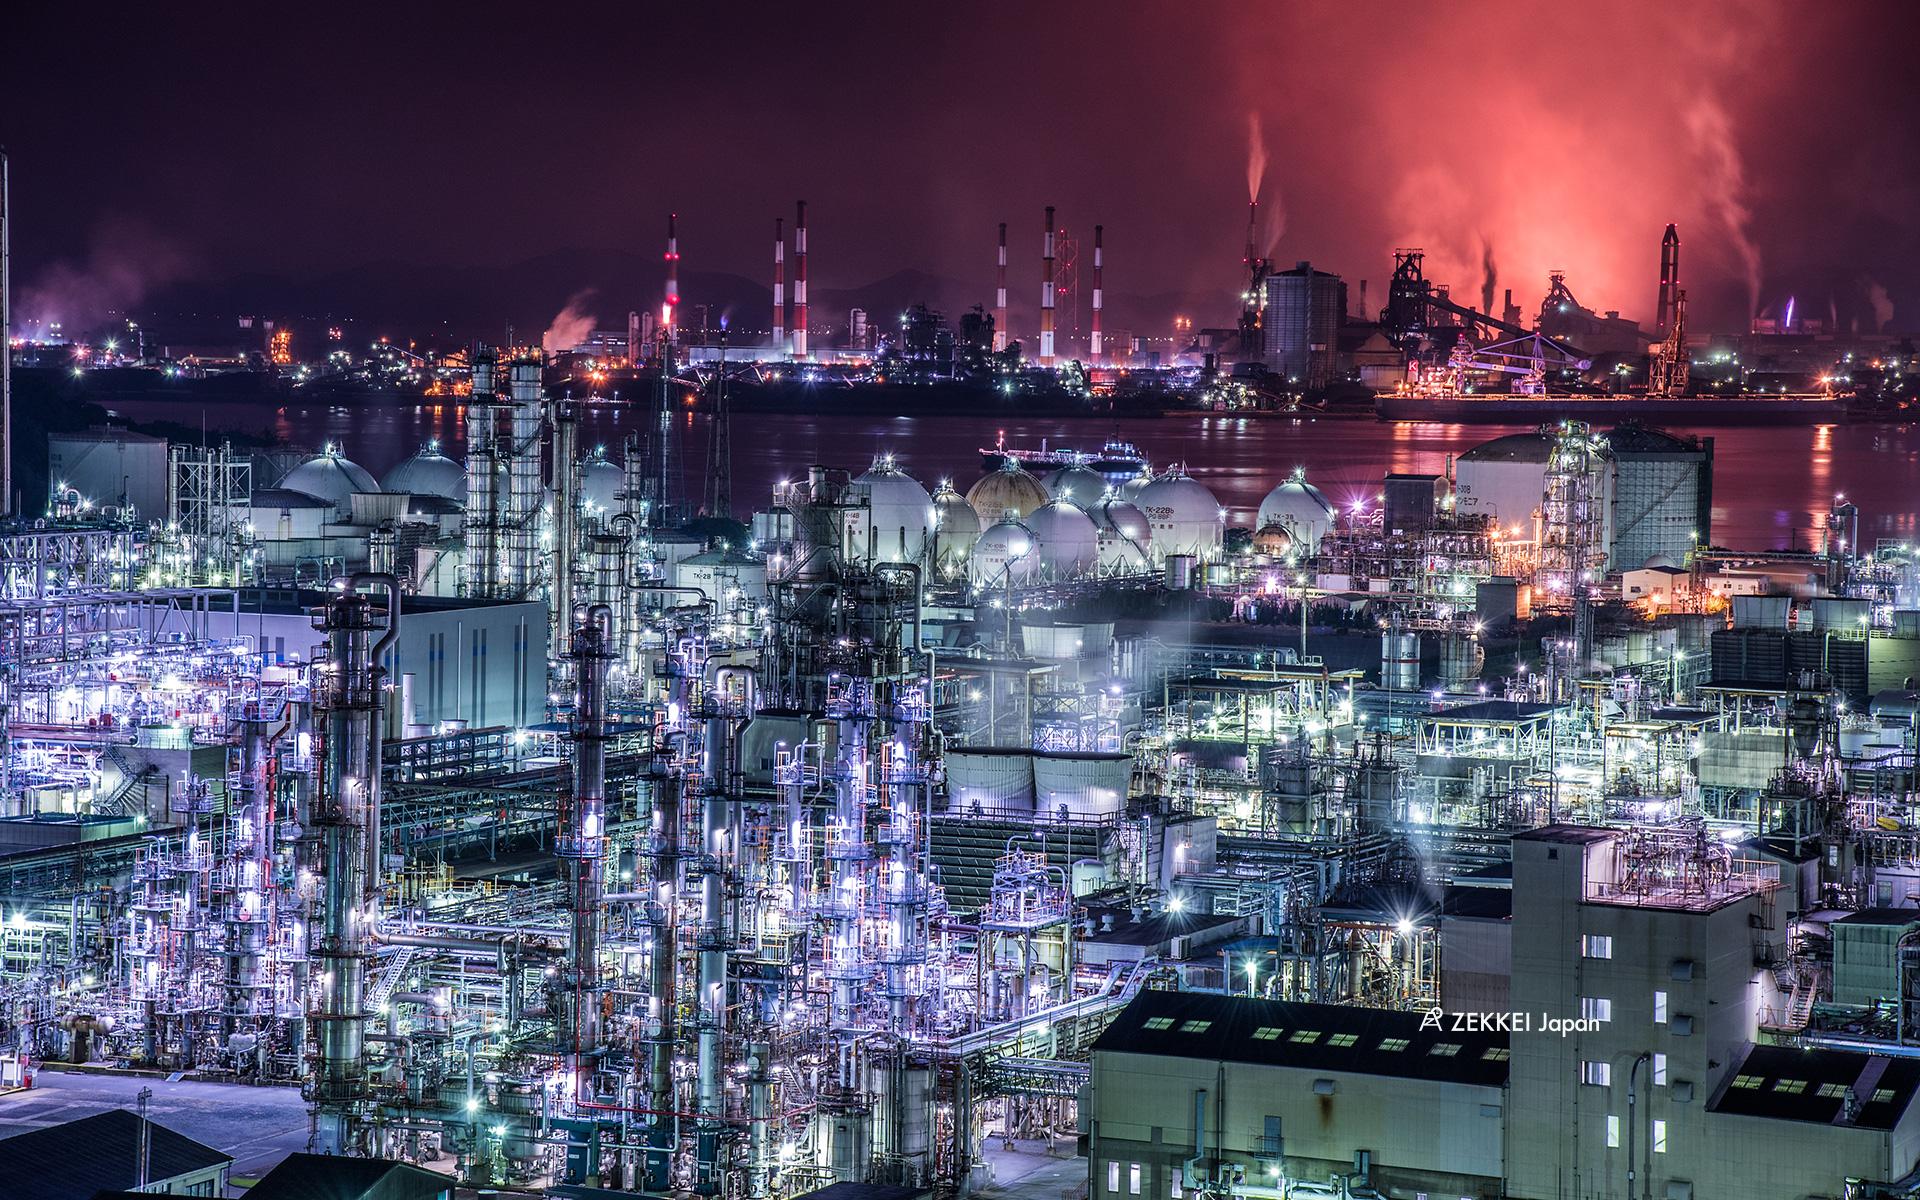 絶景壁紙 Sfチックな非現実世界 工場夜景の壁紙をあなたの待ち受けに